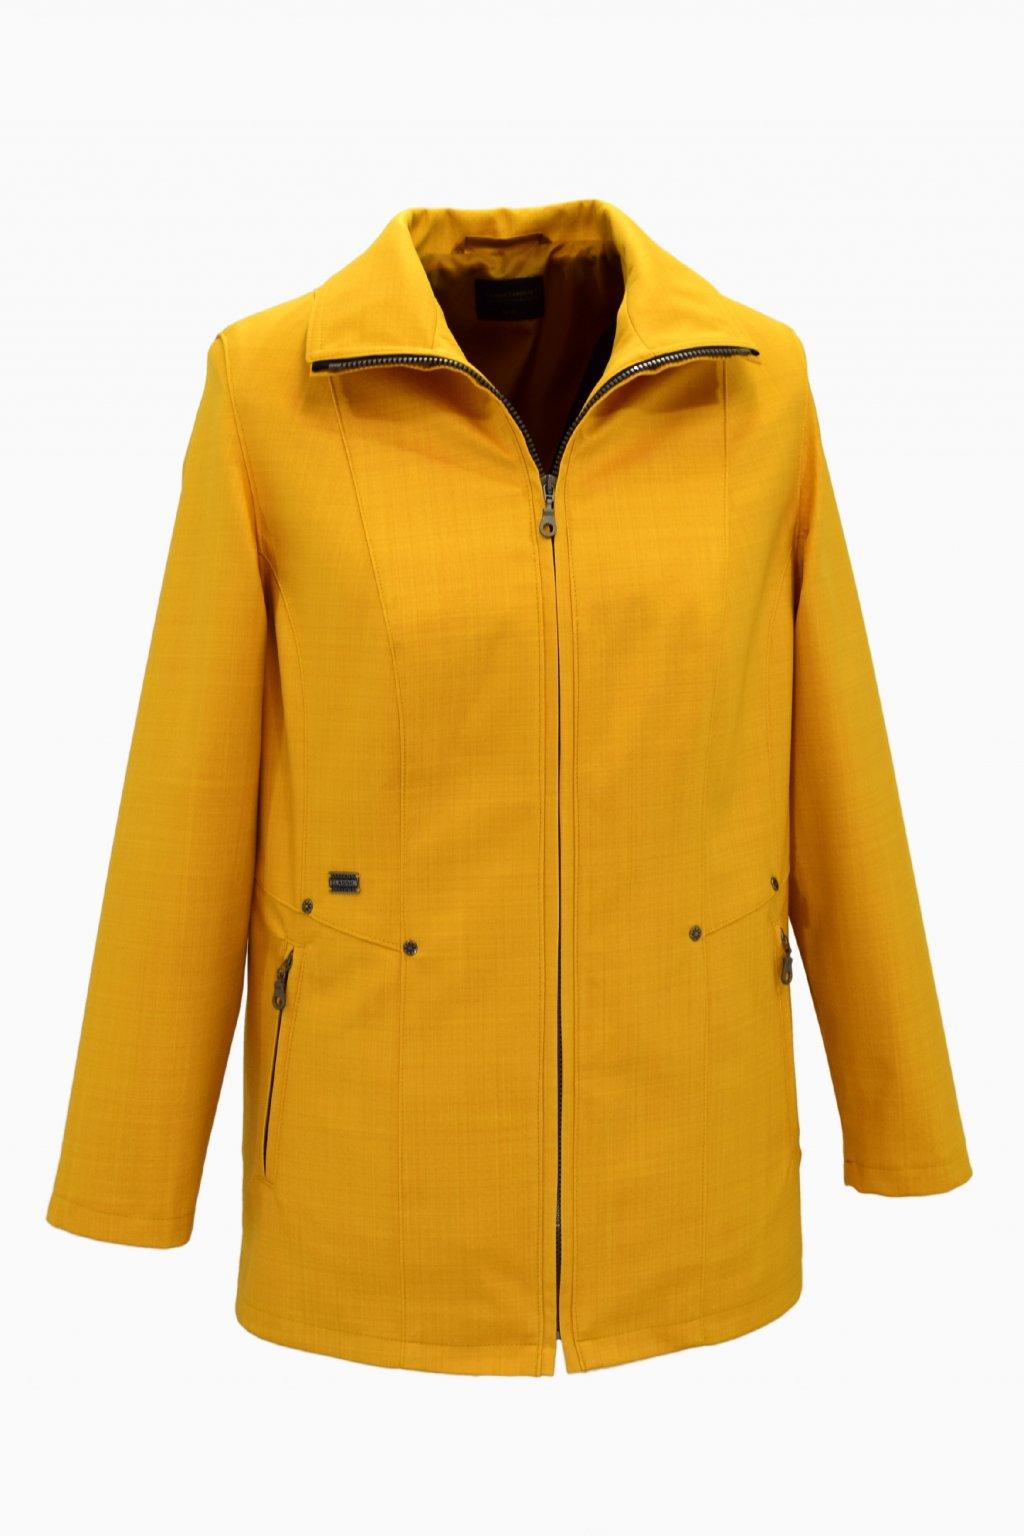 Dámská žlutá jarní bunda Milena nadměrné velikosti